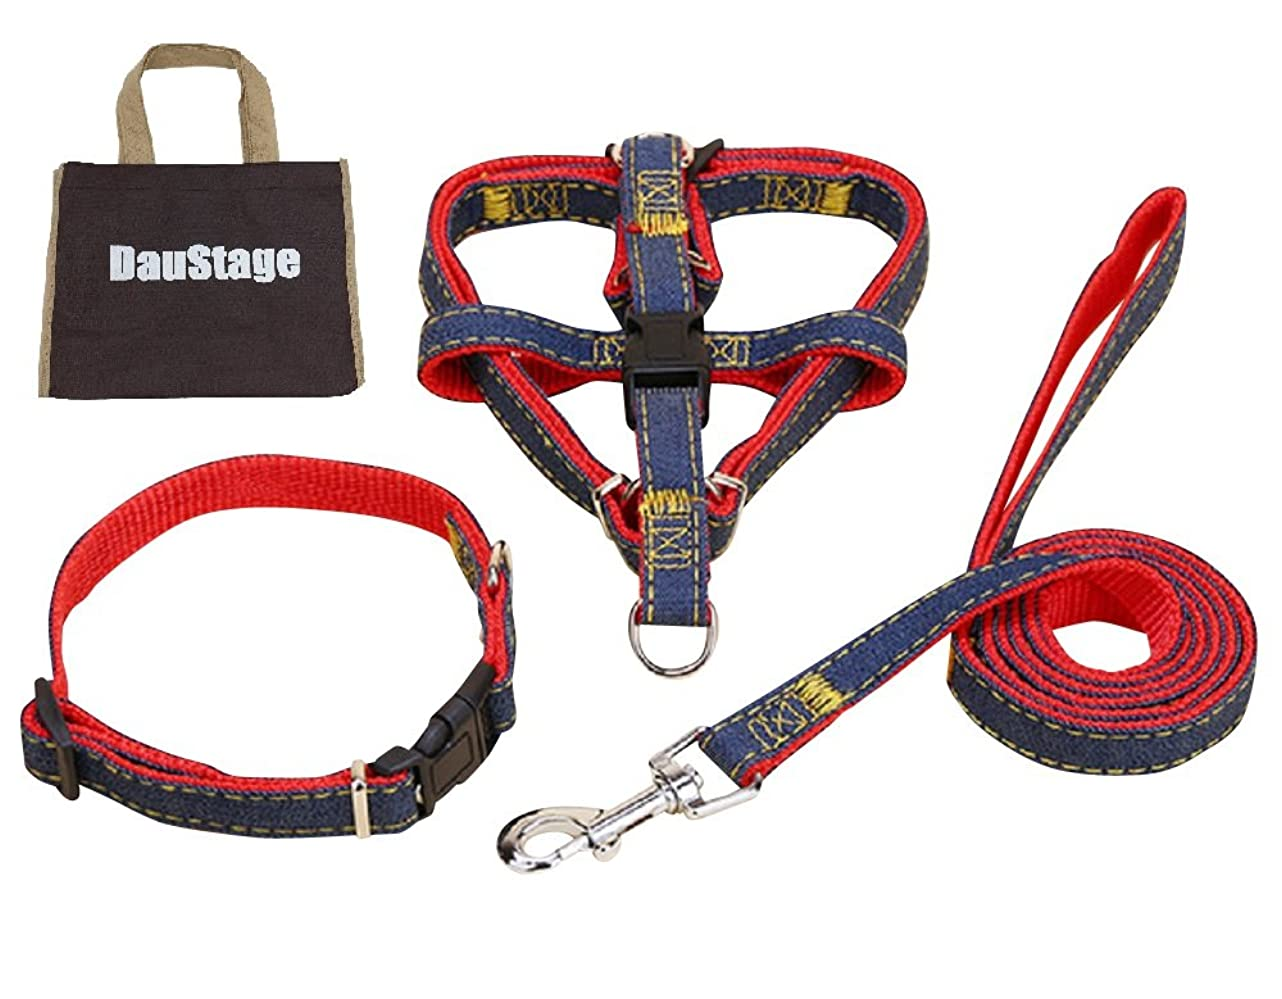 私たちのものオーストラリア人事前(DauStage) ハーネス リード 首輪 セット デニム 素材 選べる 4色 4サイズ 小型 中型 大型 犬用 トートバッグ付き (M, レッド)